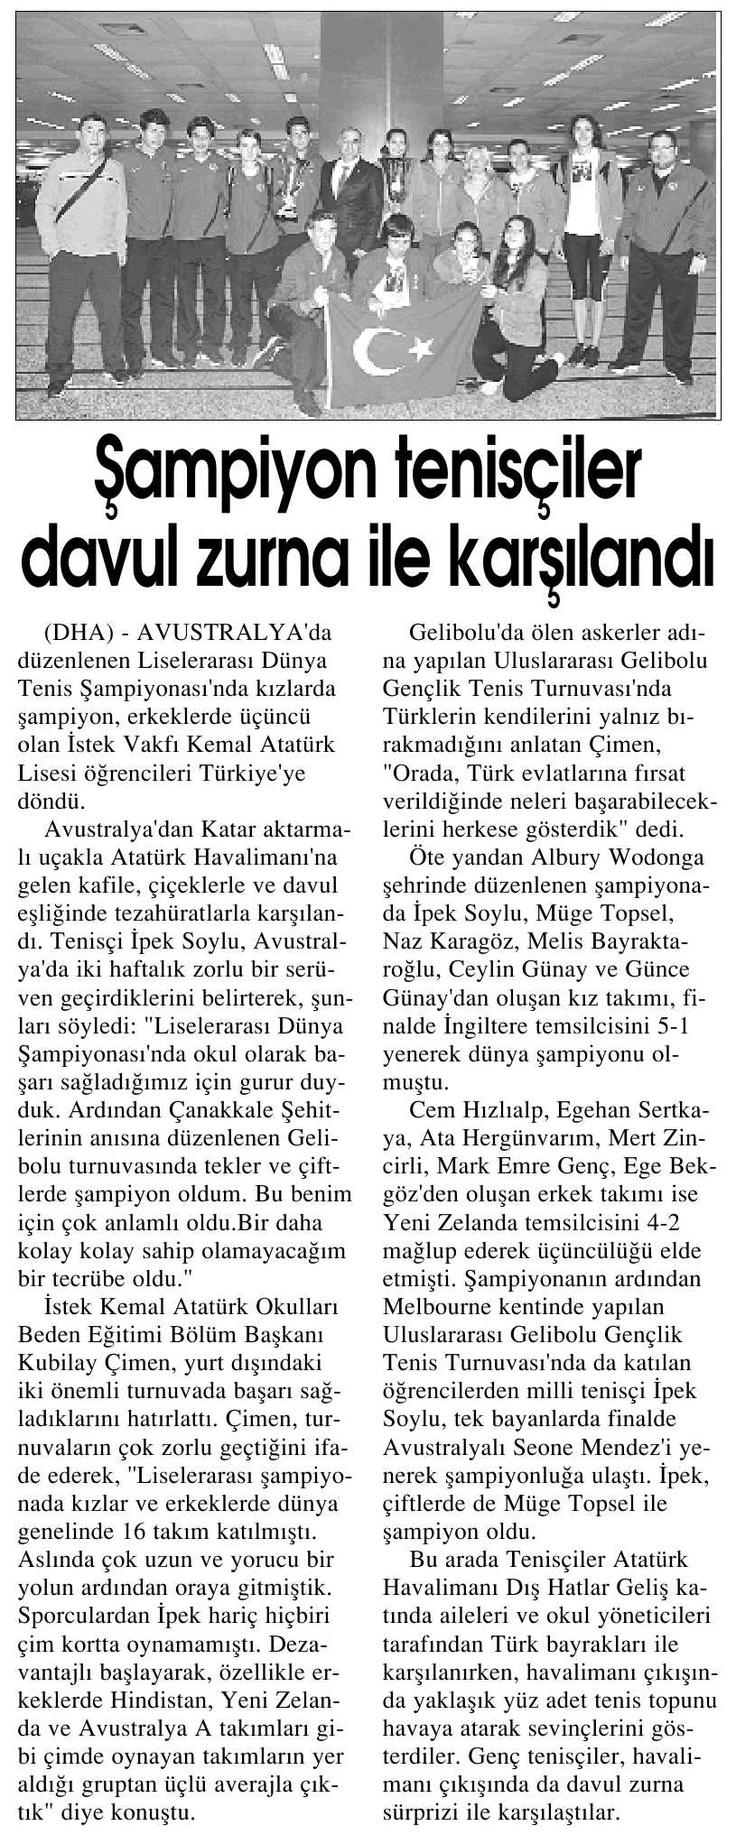 2 Mayıs 2013 / İstanbul Gazetesi